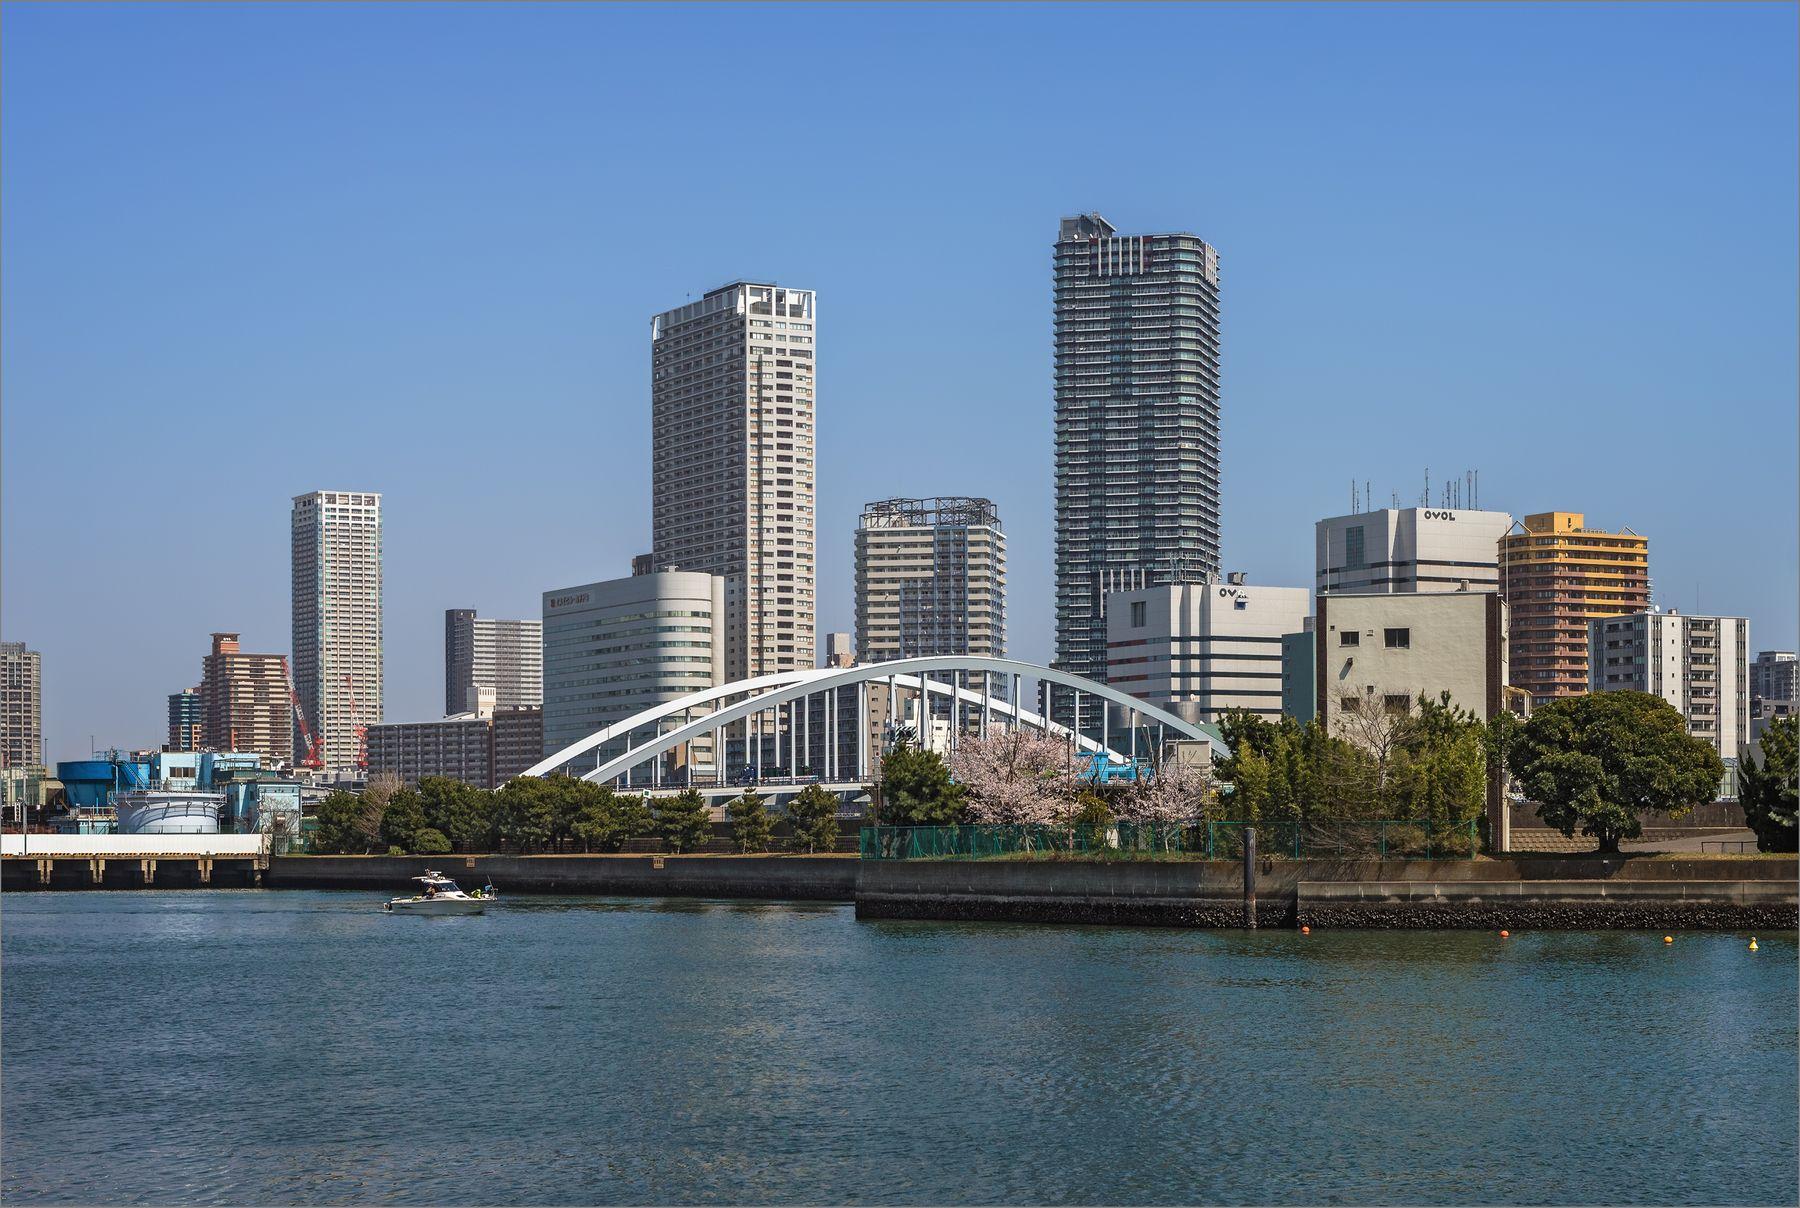 Устье реки Сумида, впадающей в Токийский залив река Токио